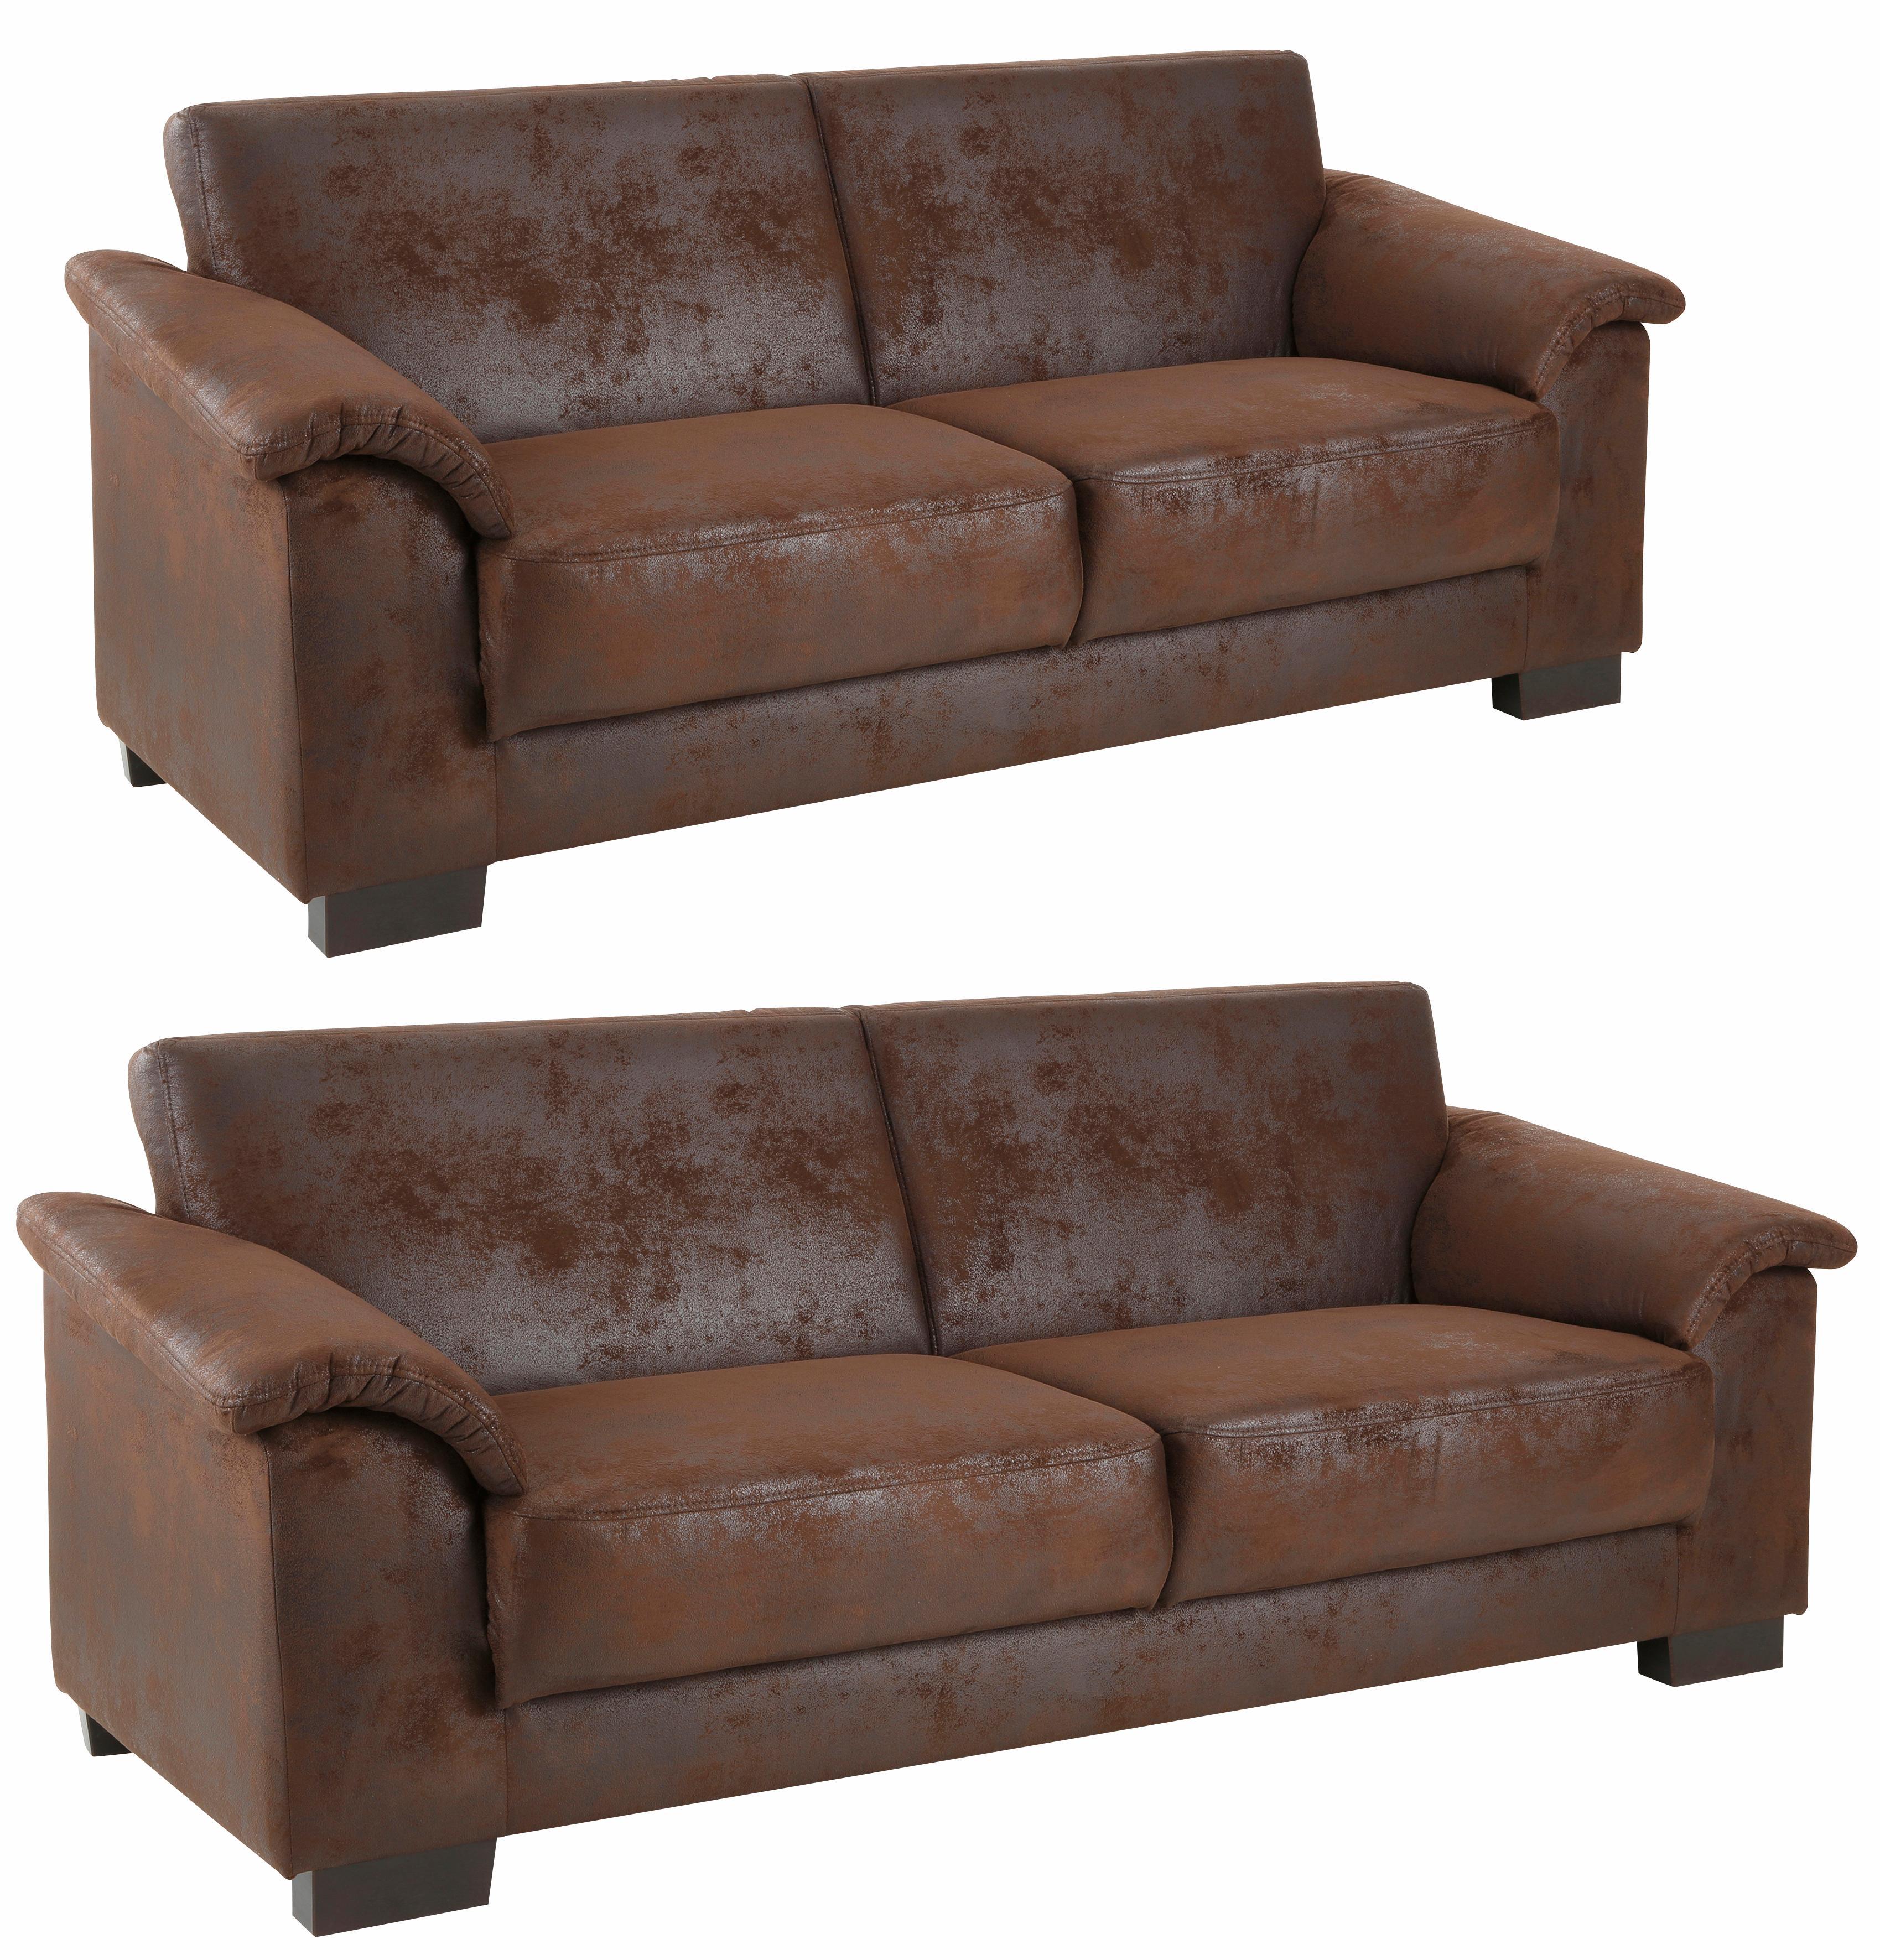 Home affaire Set »Anna«, 2-Sitzer und 3-Sitzer | Wohnzimmer > Sofas & Couches > Garnituren | HOME AFFAIRE